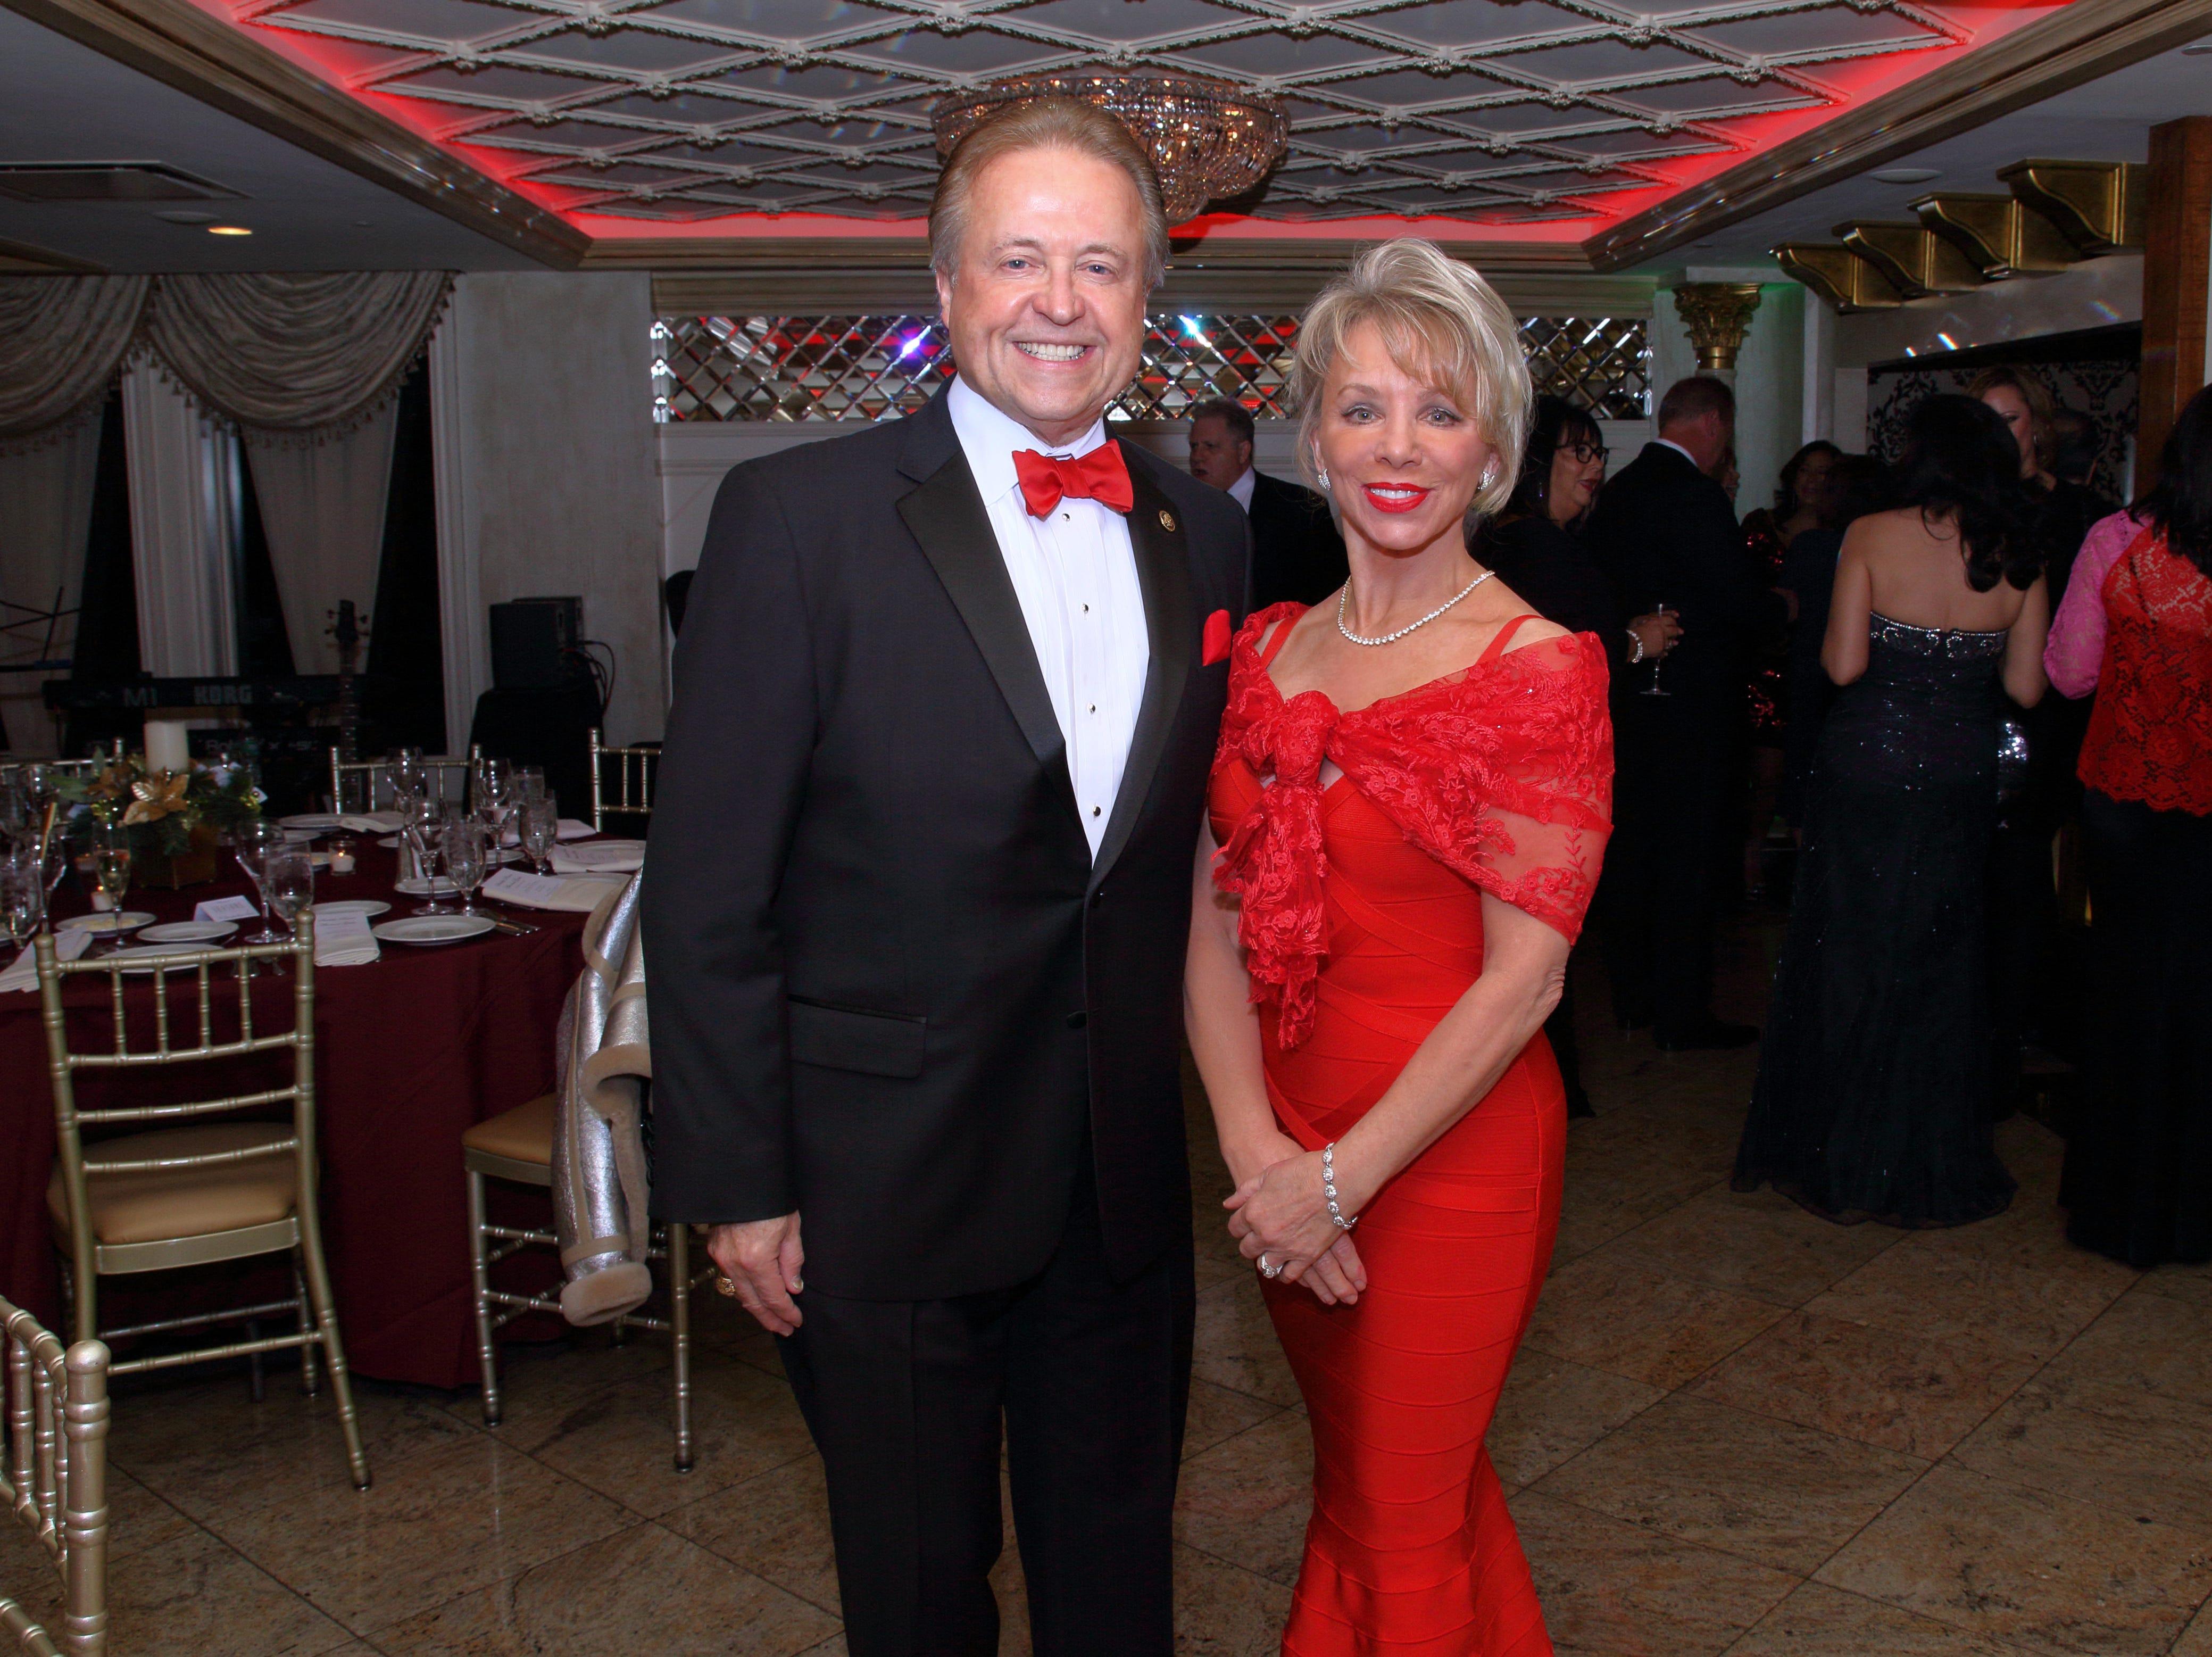 Dr. Robert Lahita and Carolyn Palmer. The Saddle River Valley Club held its annual Holiday Gala celebration at Seasons in Washington Township. 11/30/2018